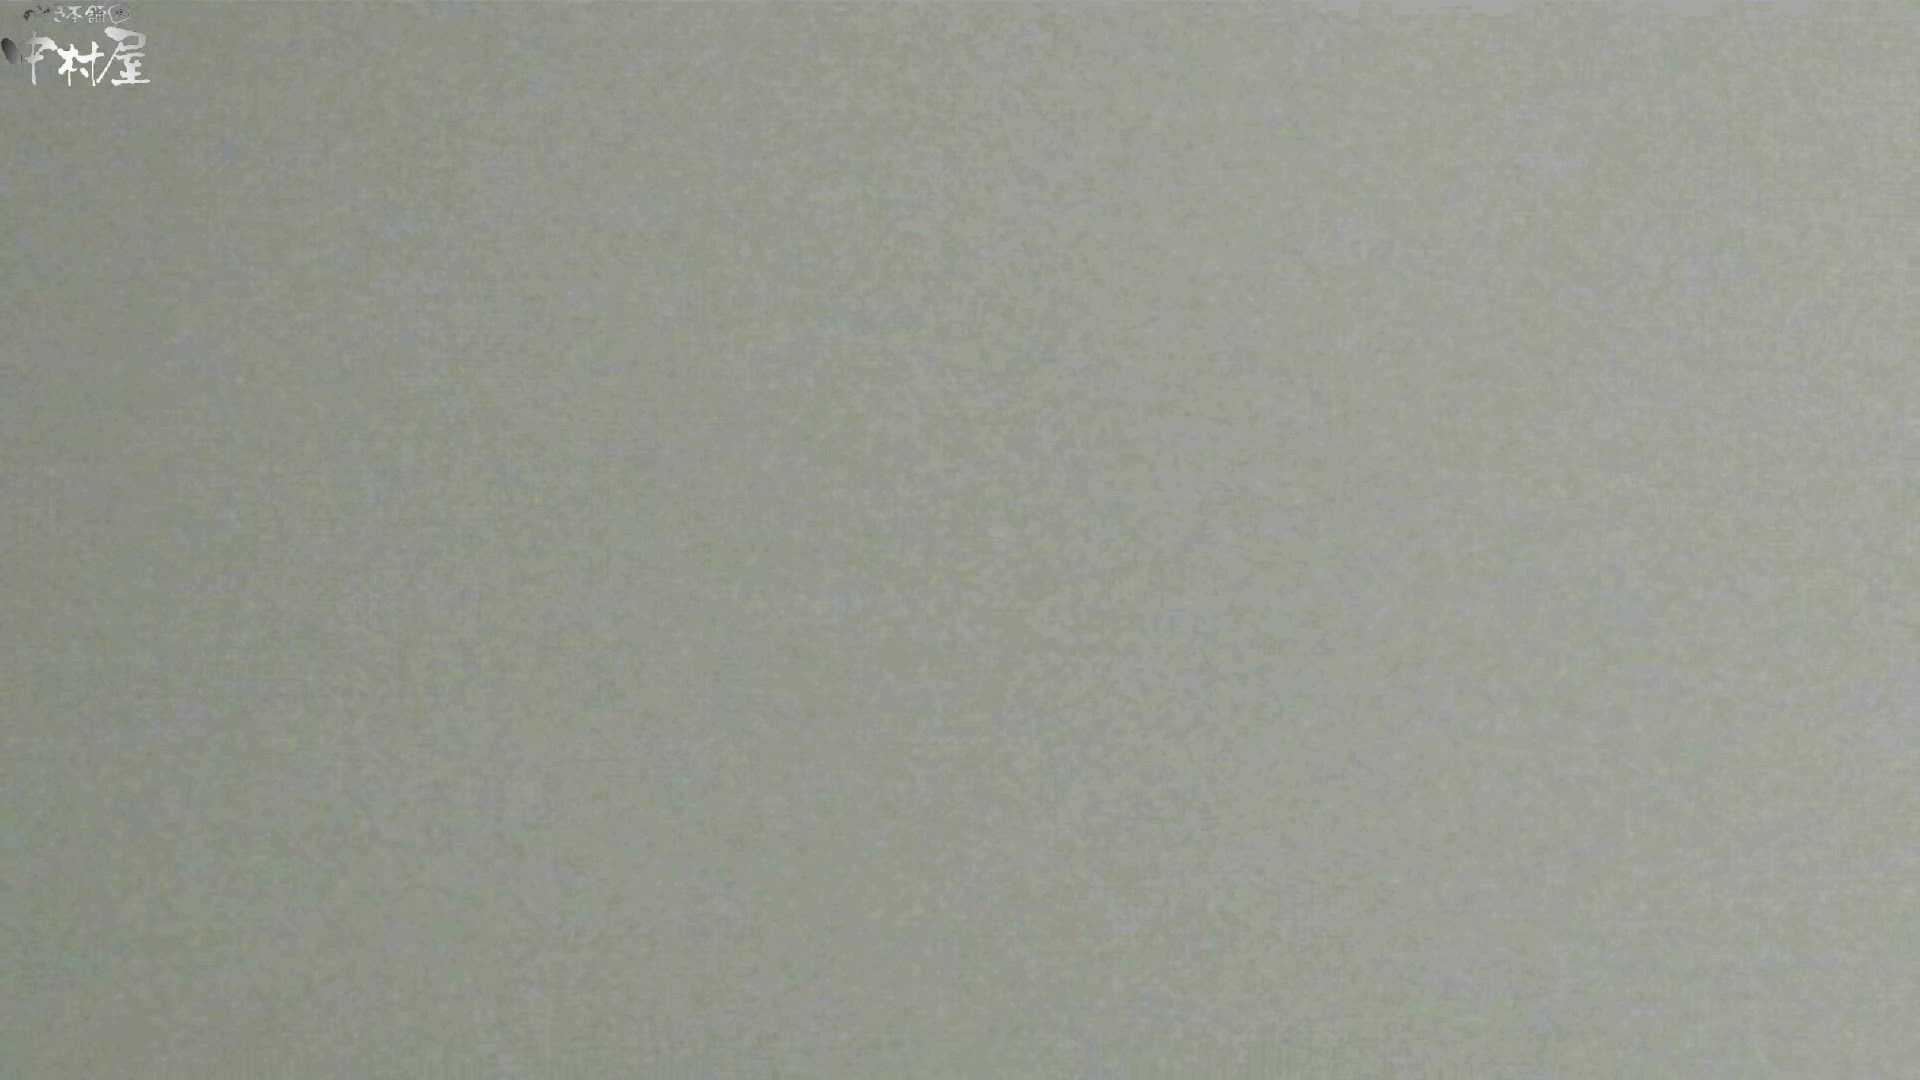 お市さんの「お尻丸出しジャンボリー」No.03 マンコ・ムレムレ ワレメ動画紹介 107pic 70